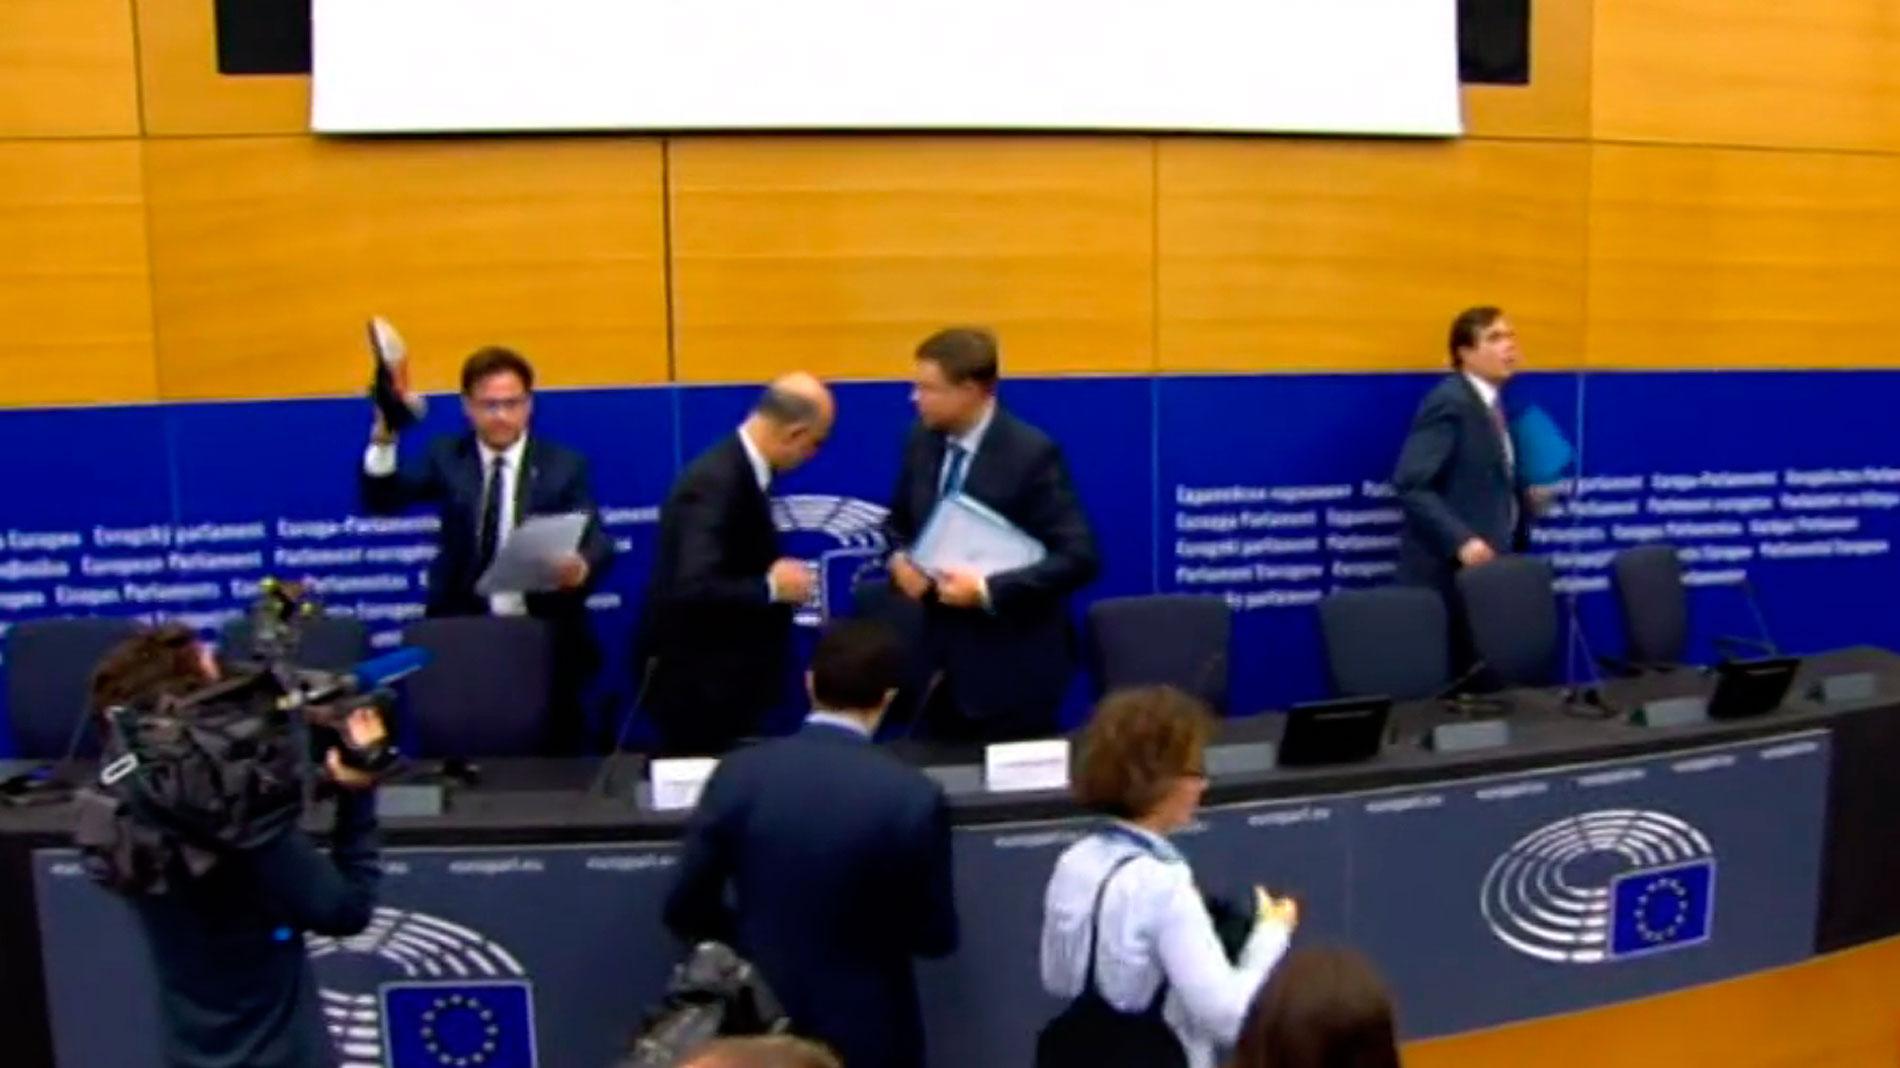 ae05448aff El eurodiputado de la ultraderechista Liga italiana Angelo Ciocca ha  recuperado los papeles que había leído el comisario europeo de Asuntos  Económicos